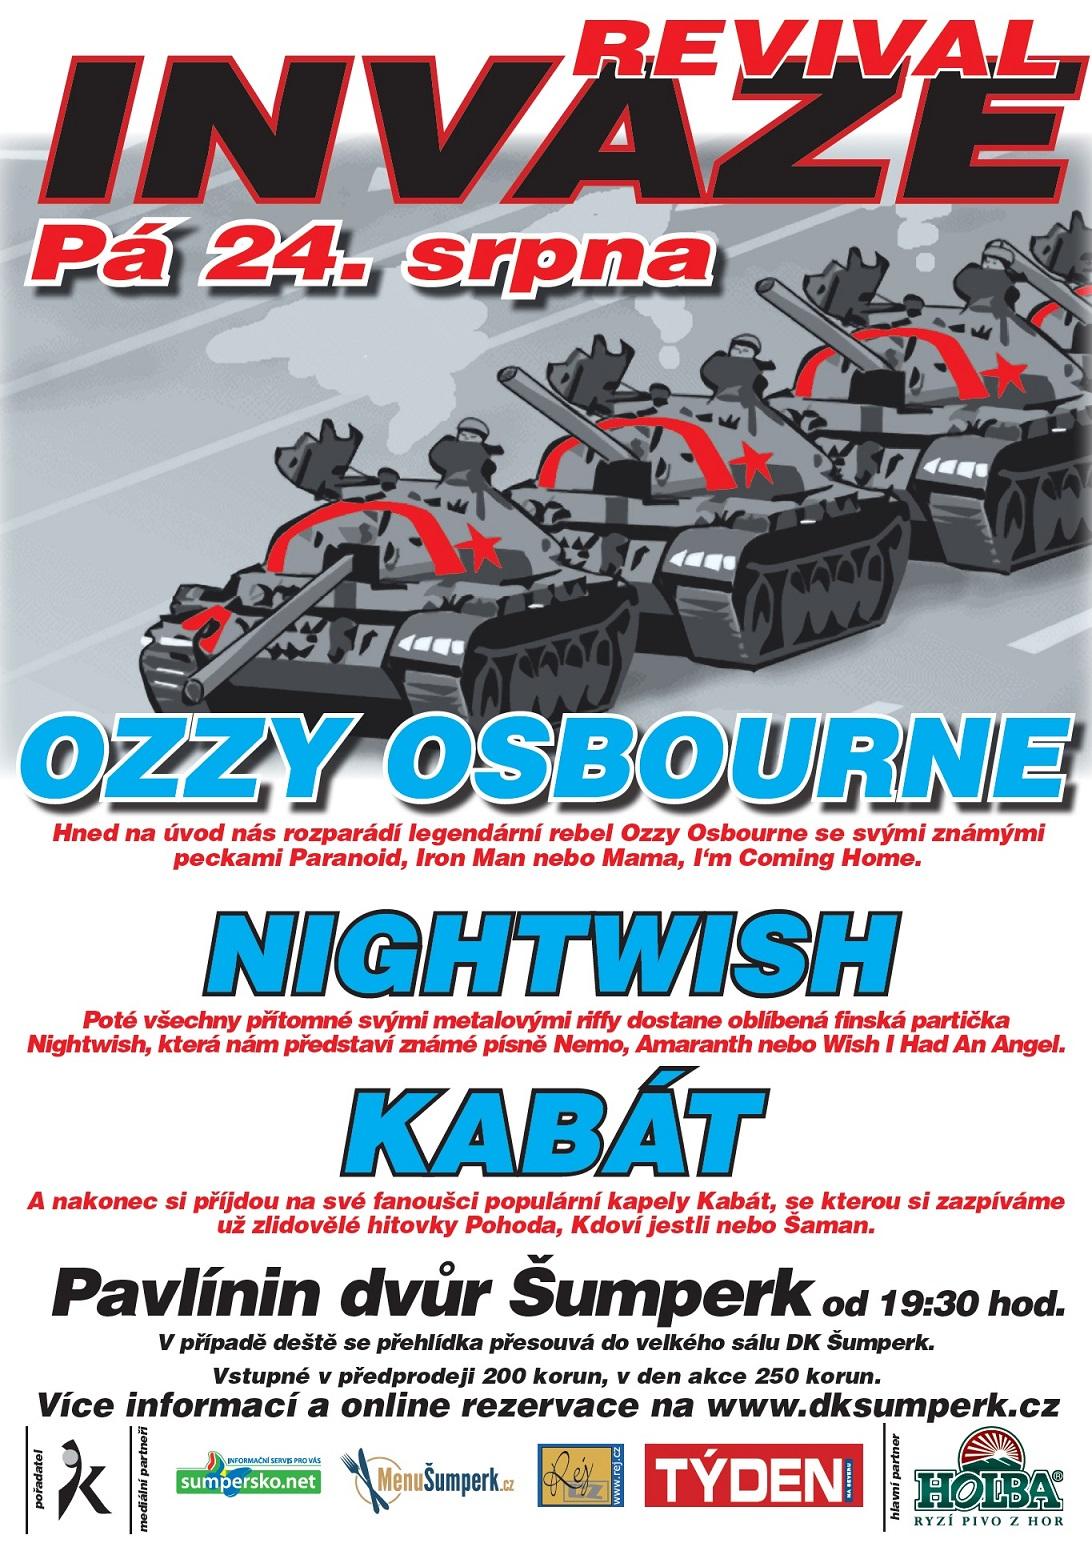 Revival Invaze   plakát 2018